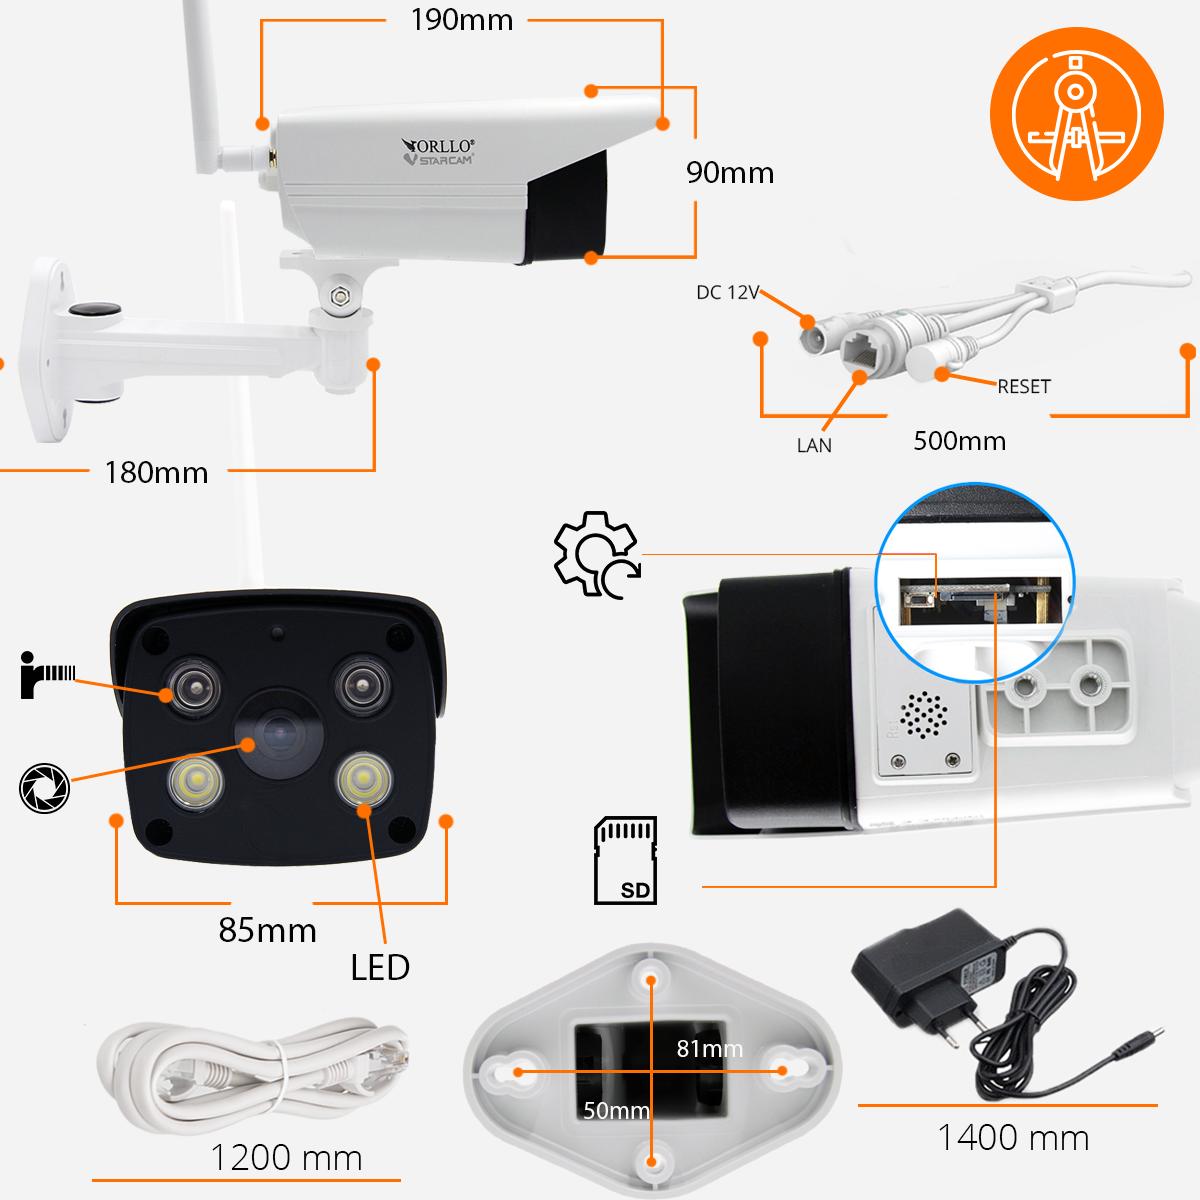 specyfikacja kamery IP WiFi orllo.pl